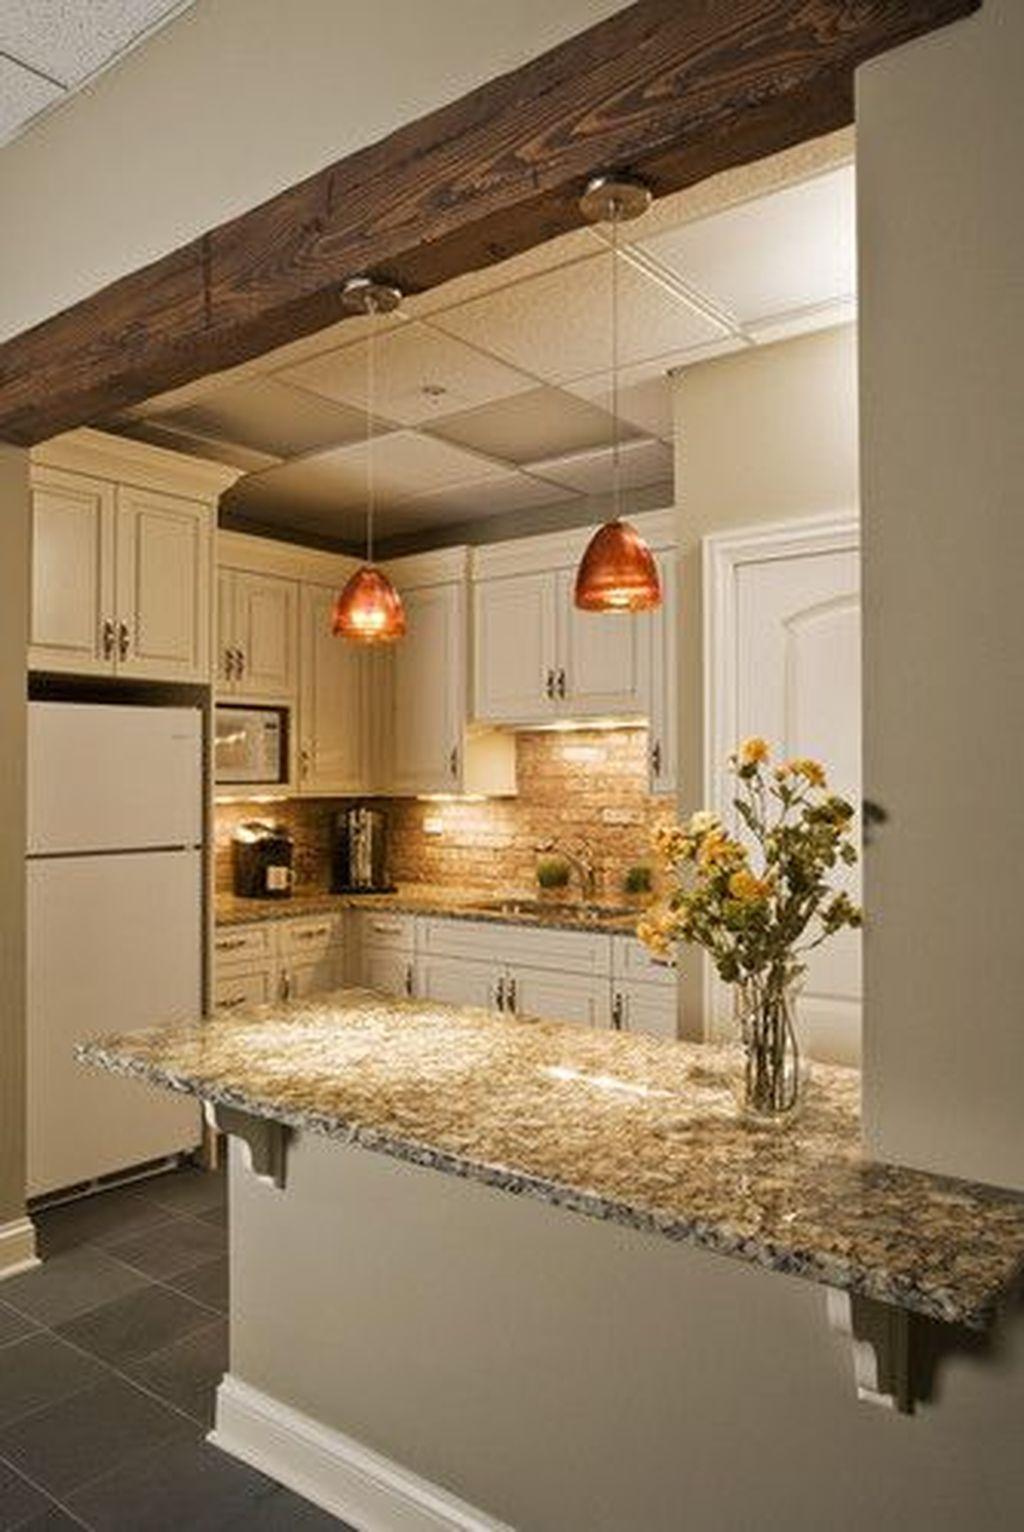 38 Gorgeous Small Kitchen Design Ideas